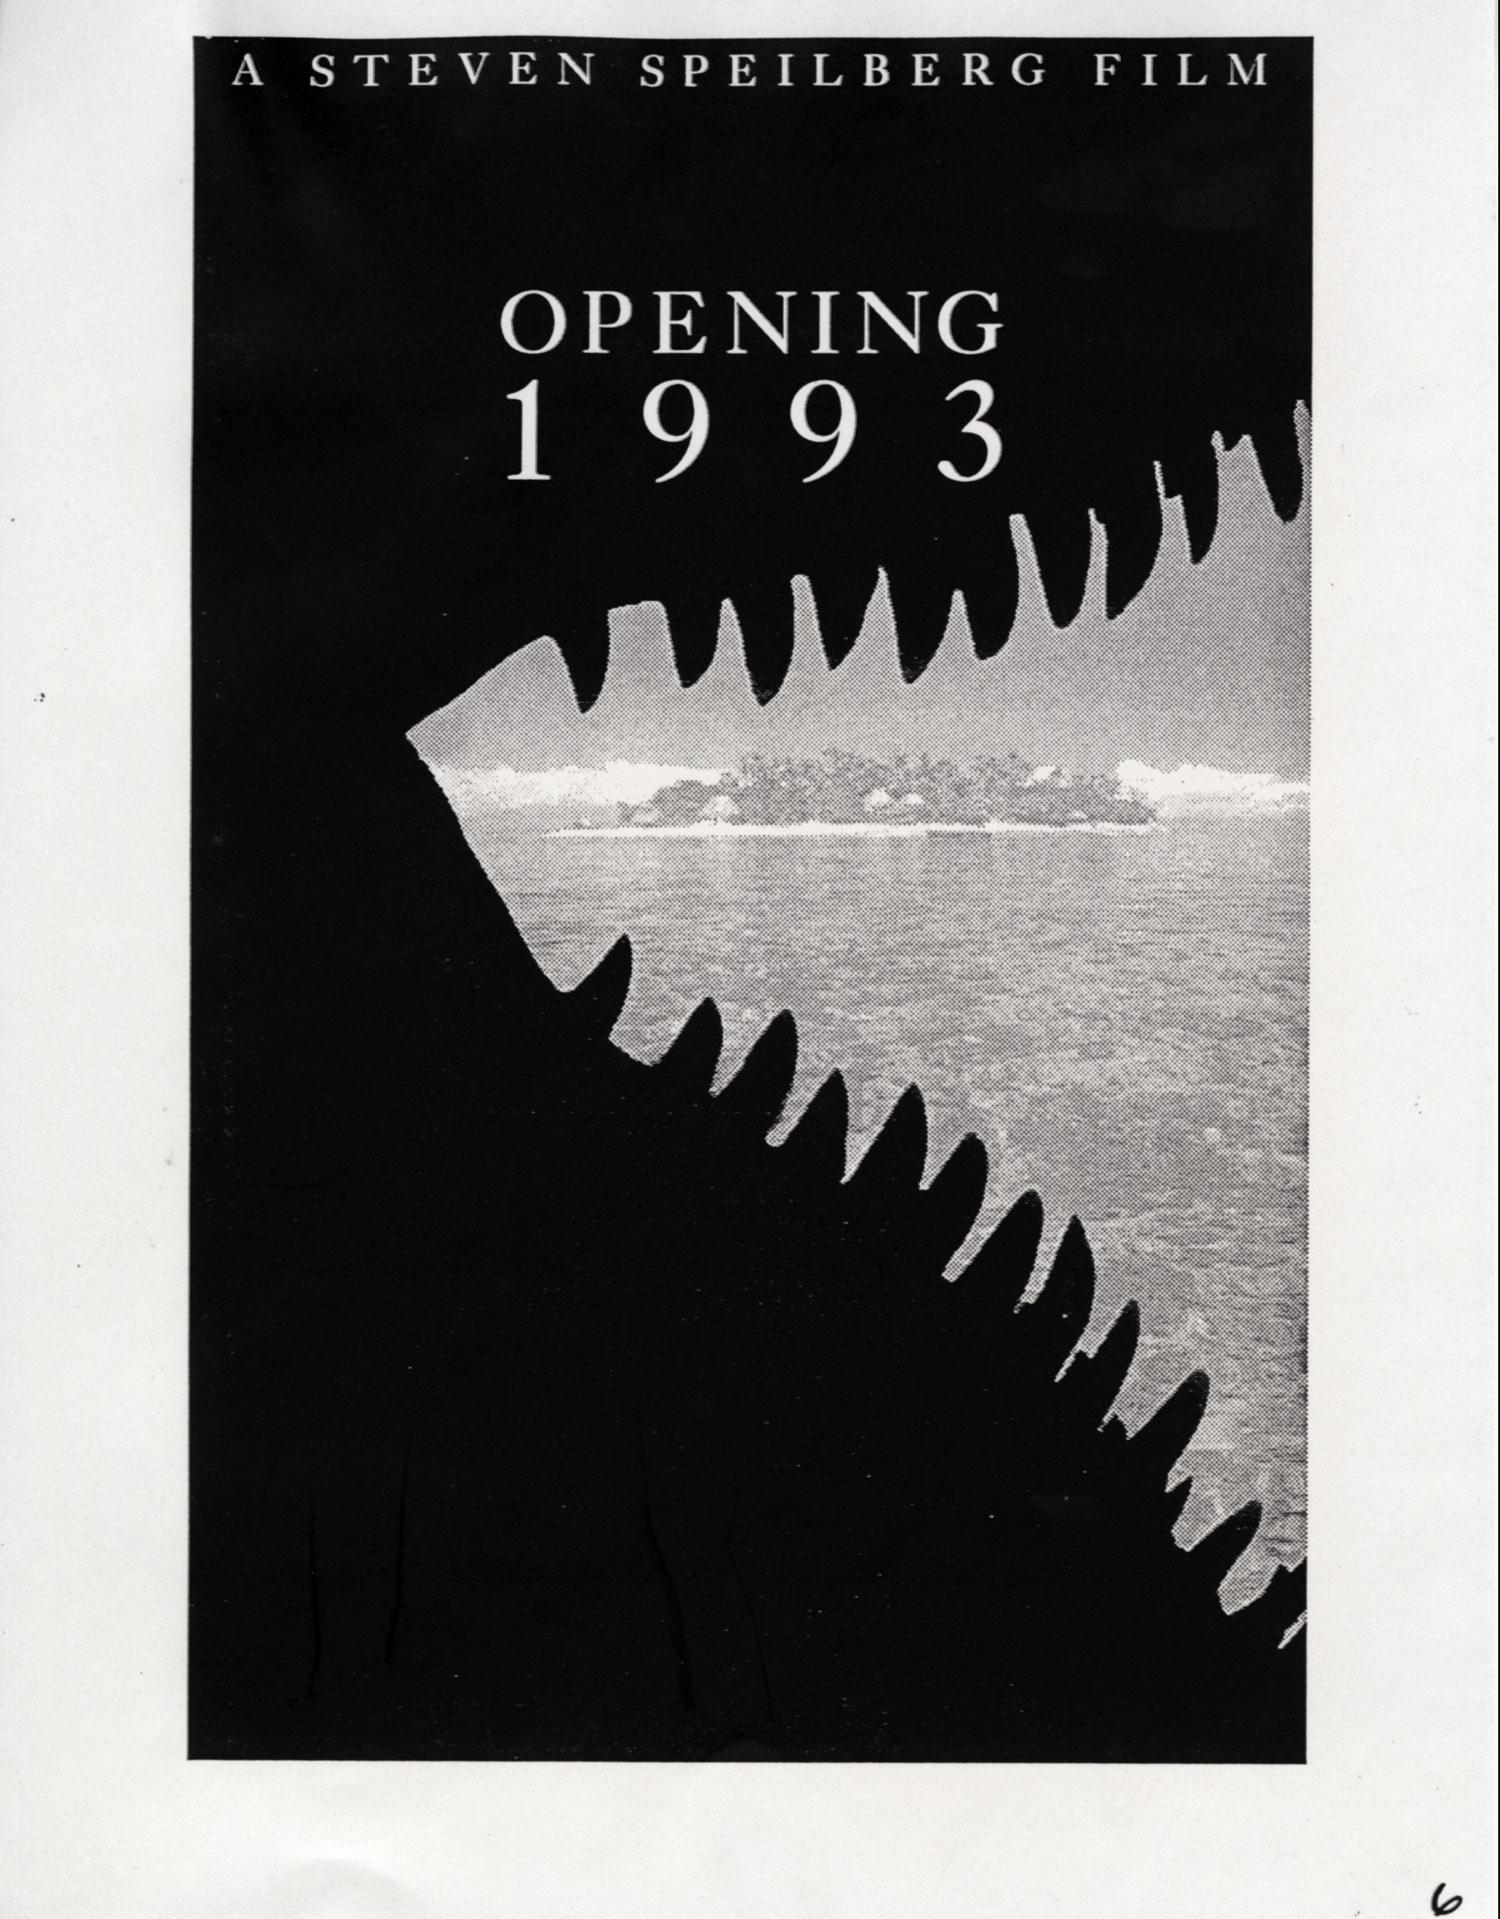 John Alvin – Jurassic Park poster – 9